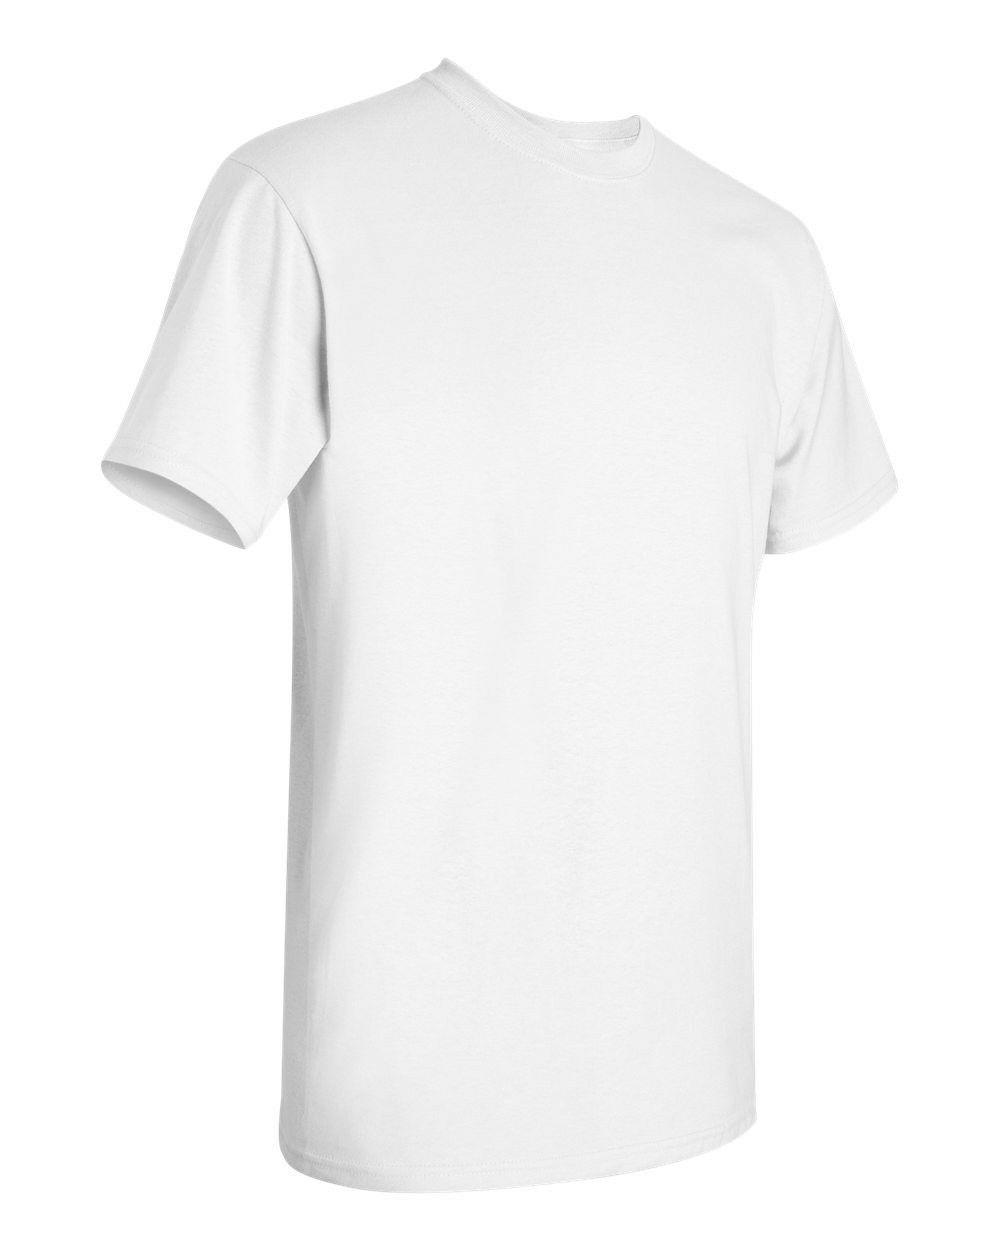 100 Gildan BULK LOTS Colors 100 White S--XL Wholesale